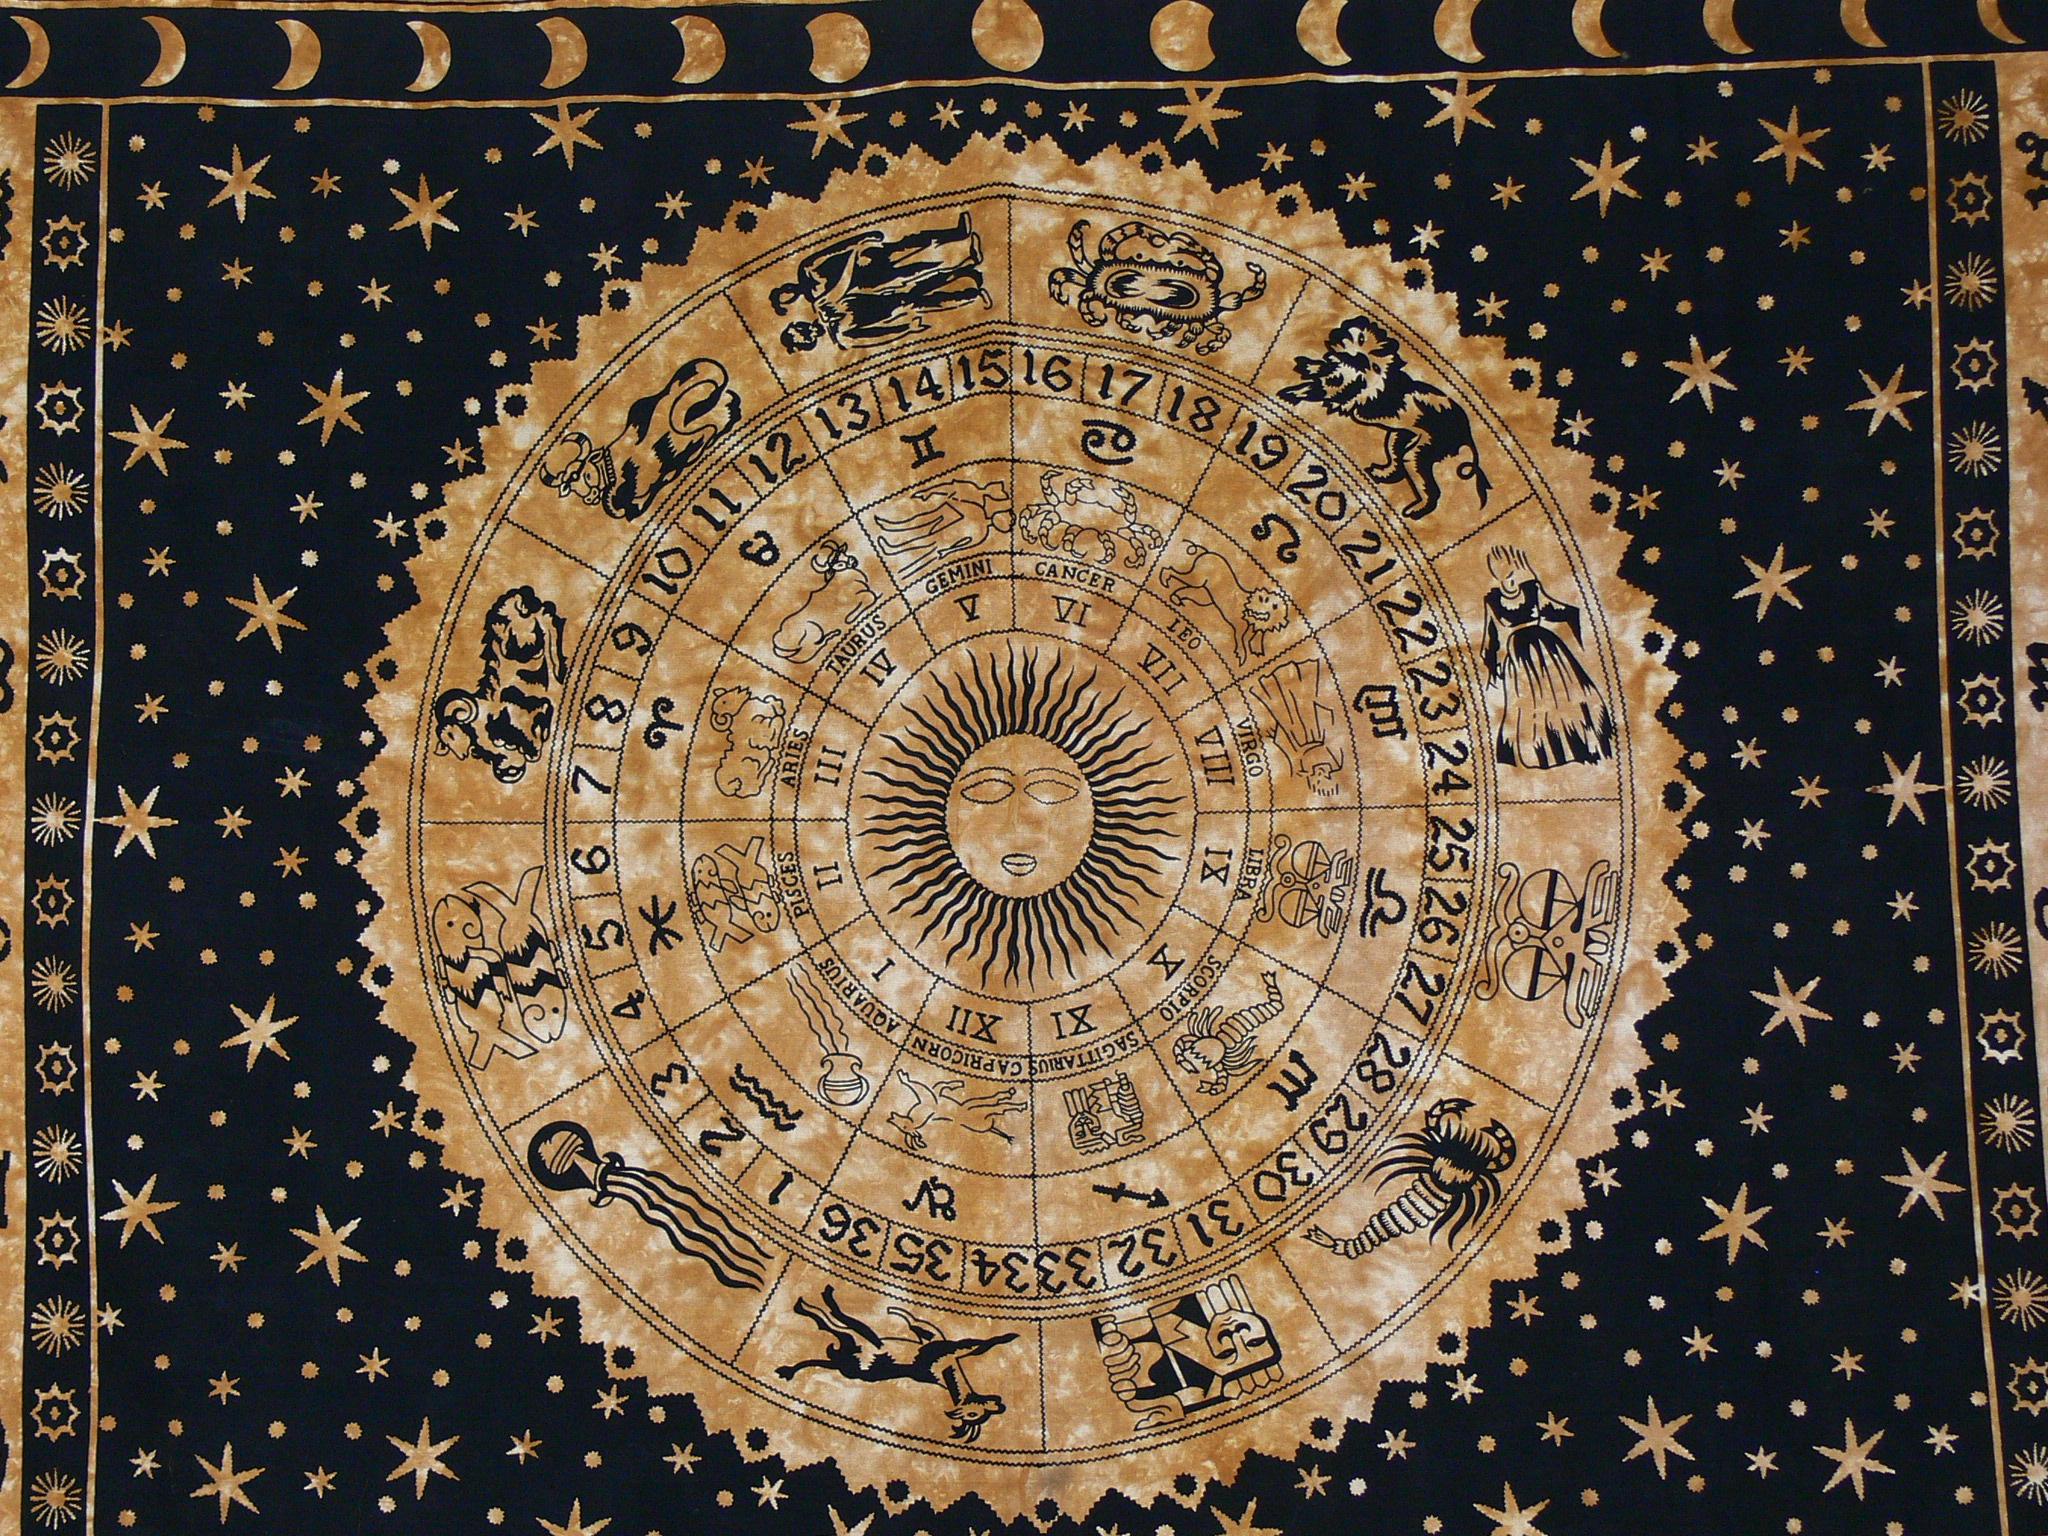 das mystische Rad der Sternzeichen